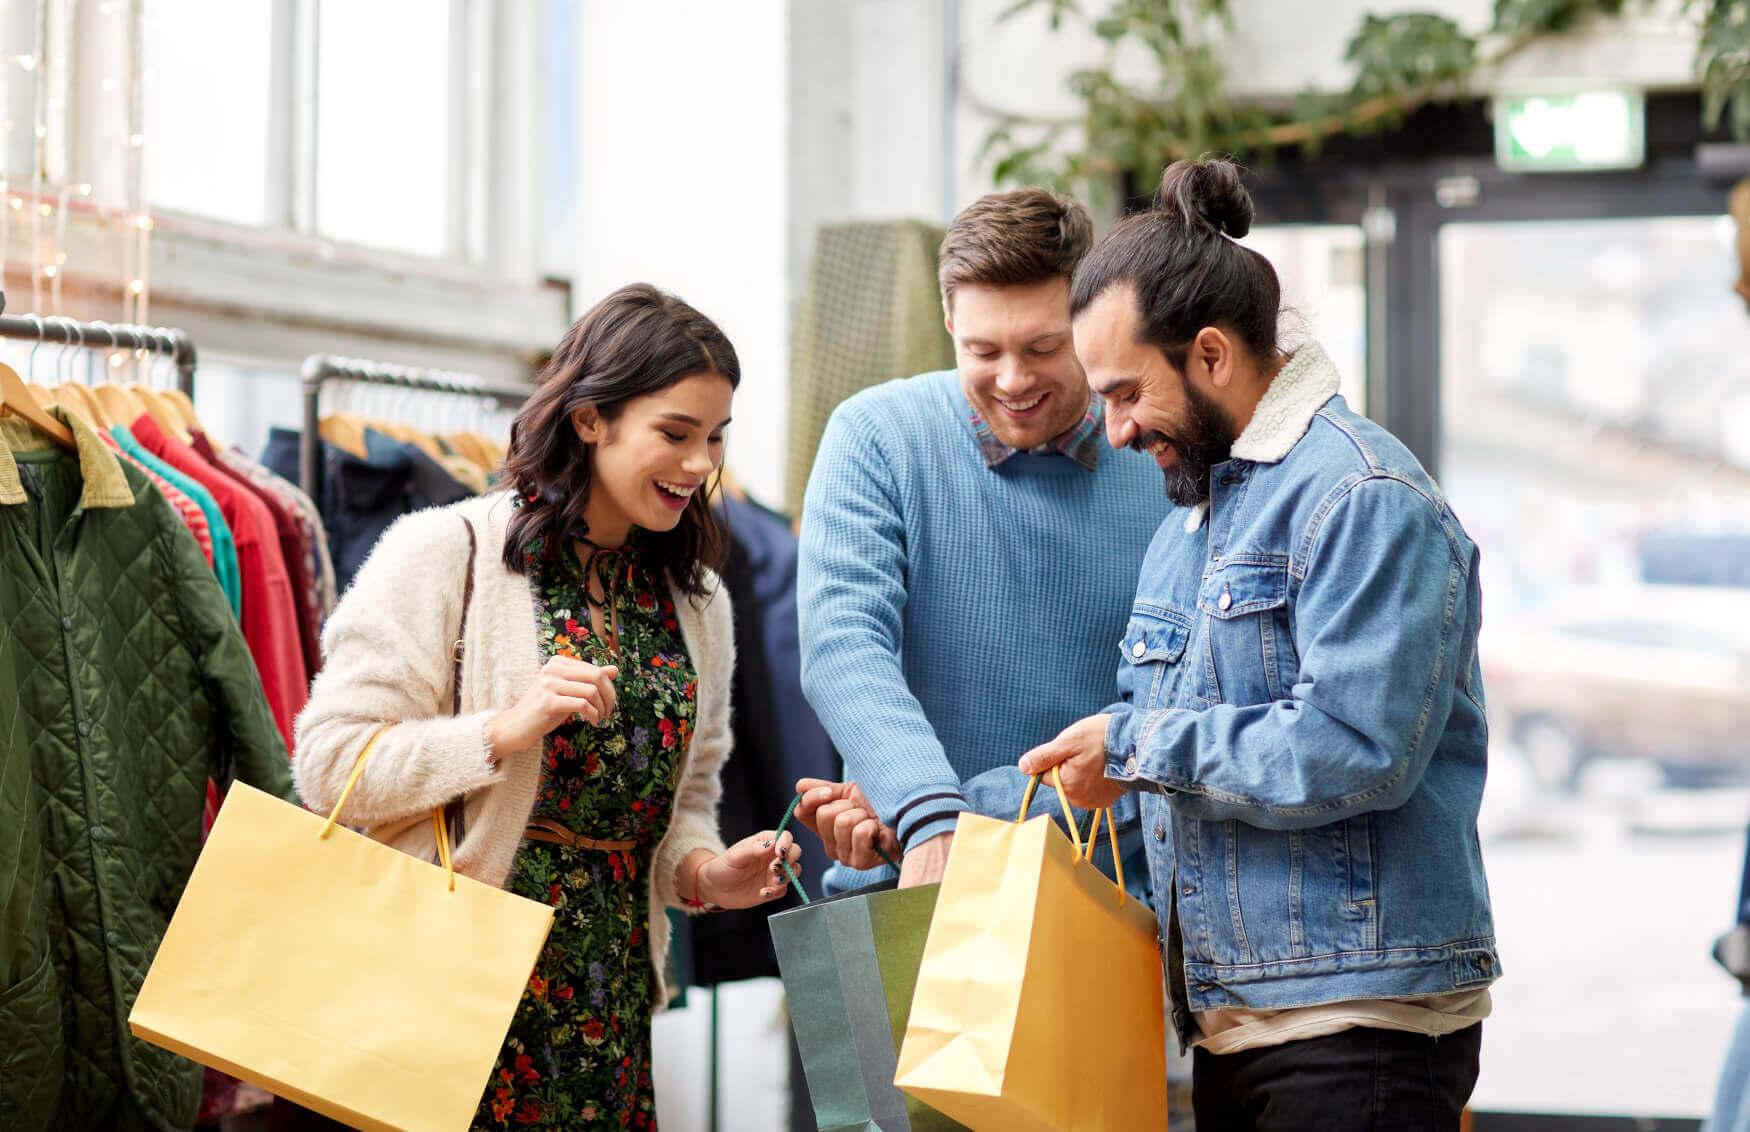 Freunde-Beim-Einkaufen-Shoppen-2